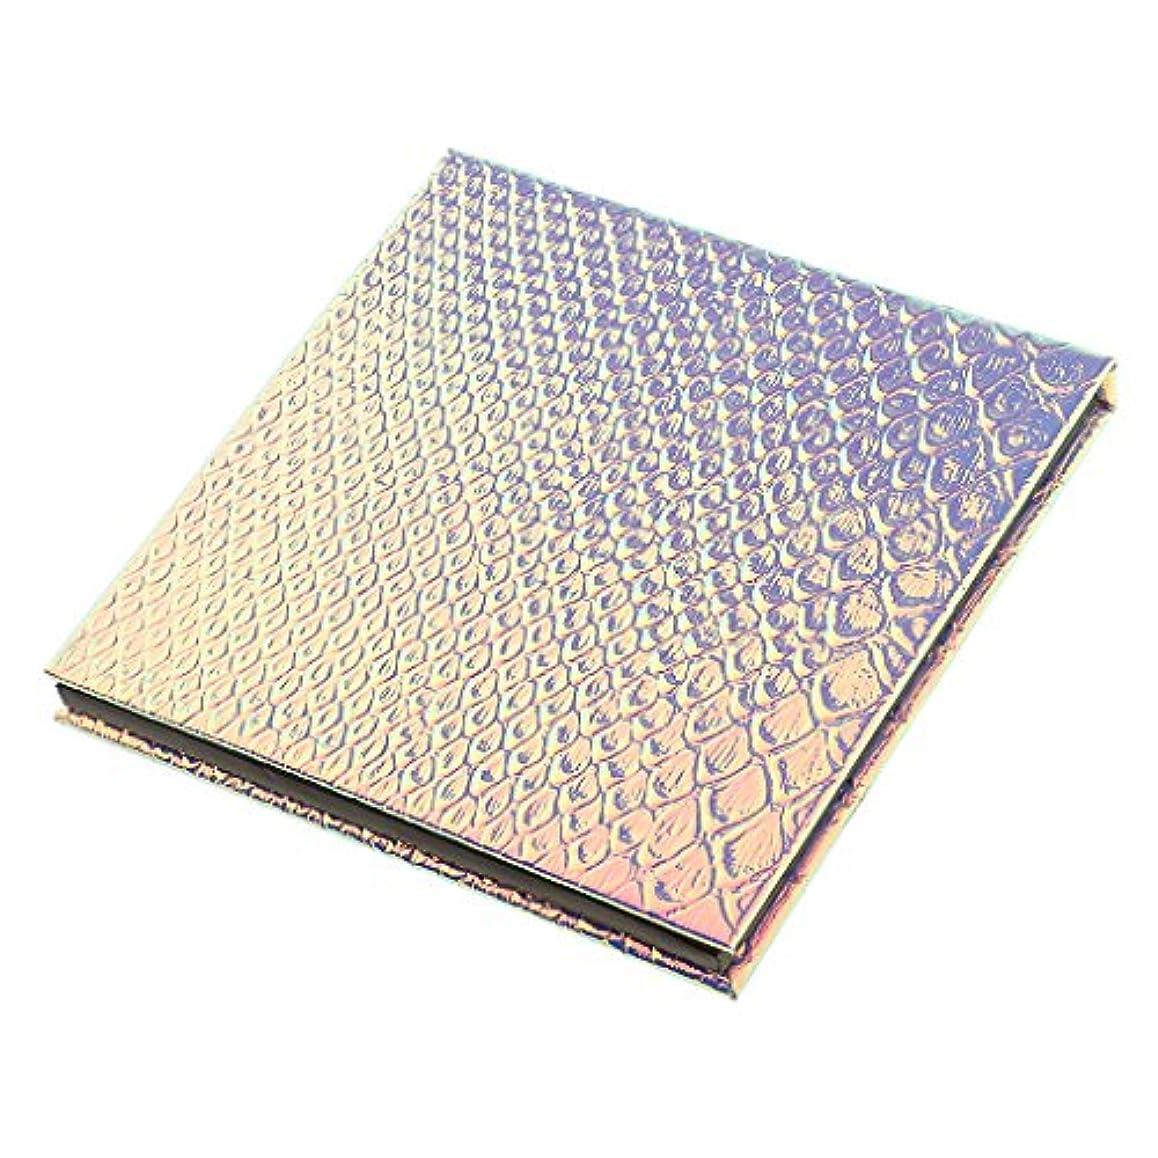 アクティブ追放する抜け目のないDovewill 磁気パレットボックス 空の磁気パレット アイシャドウ ハイライター コンシーラー ブラッシュ パウダー メイクアップ 化粧 コスメ 収納 ボックス 全2サイズ選べ - 10x10cm